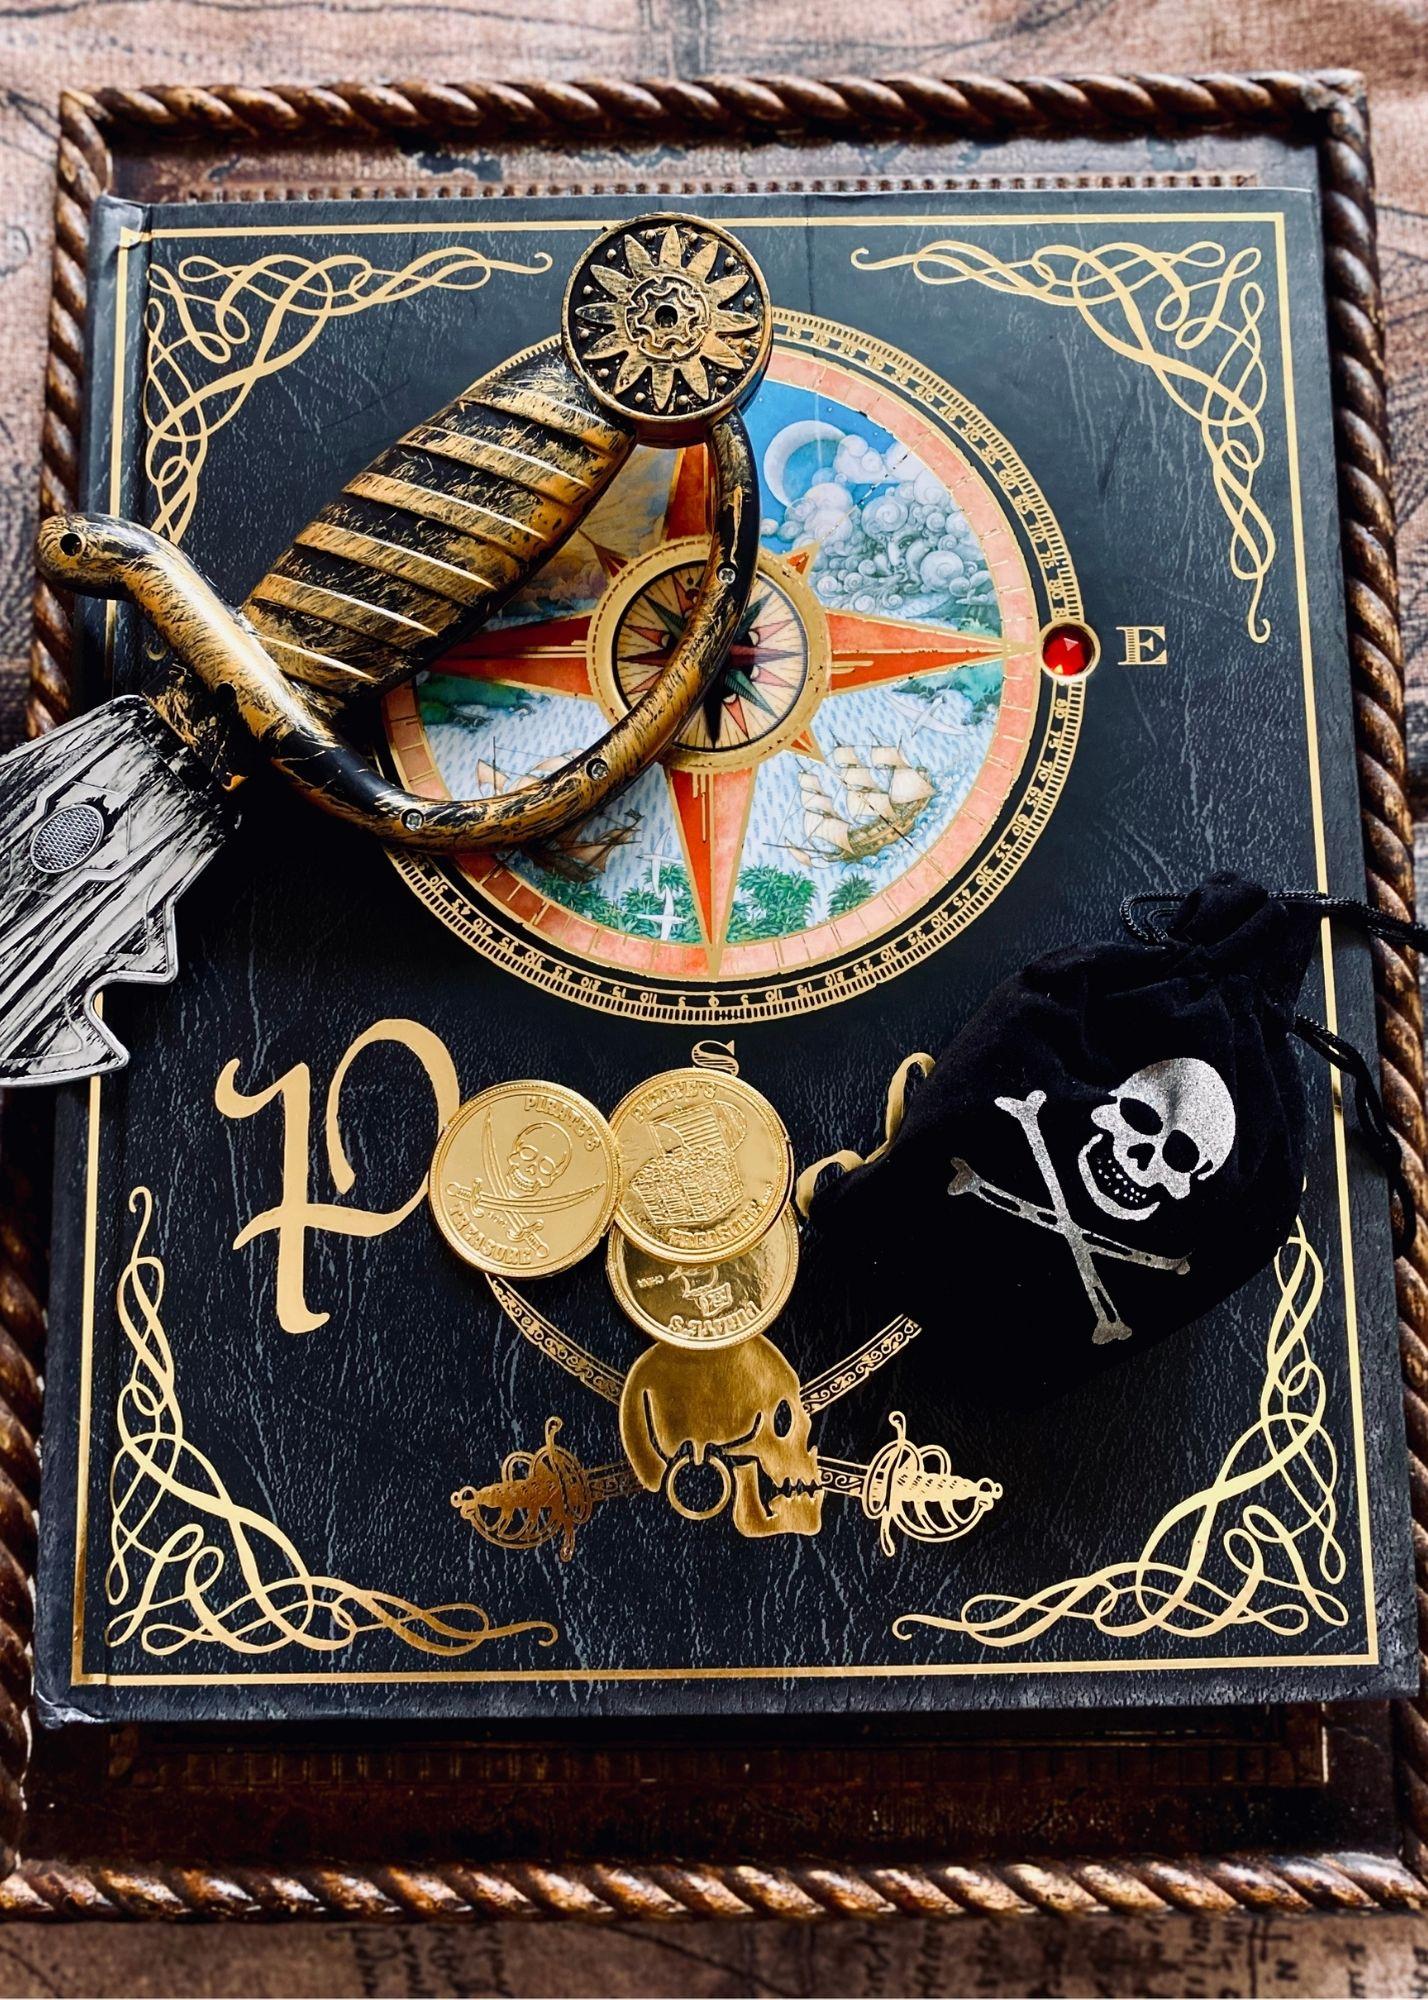 Pirate decor